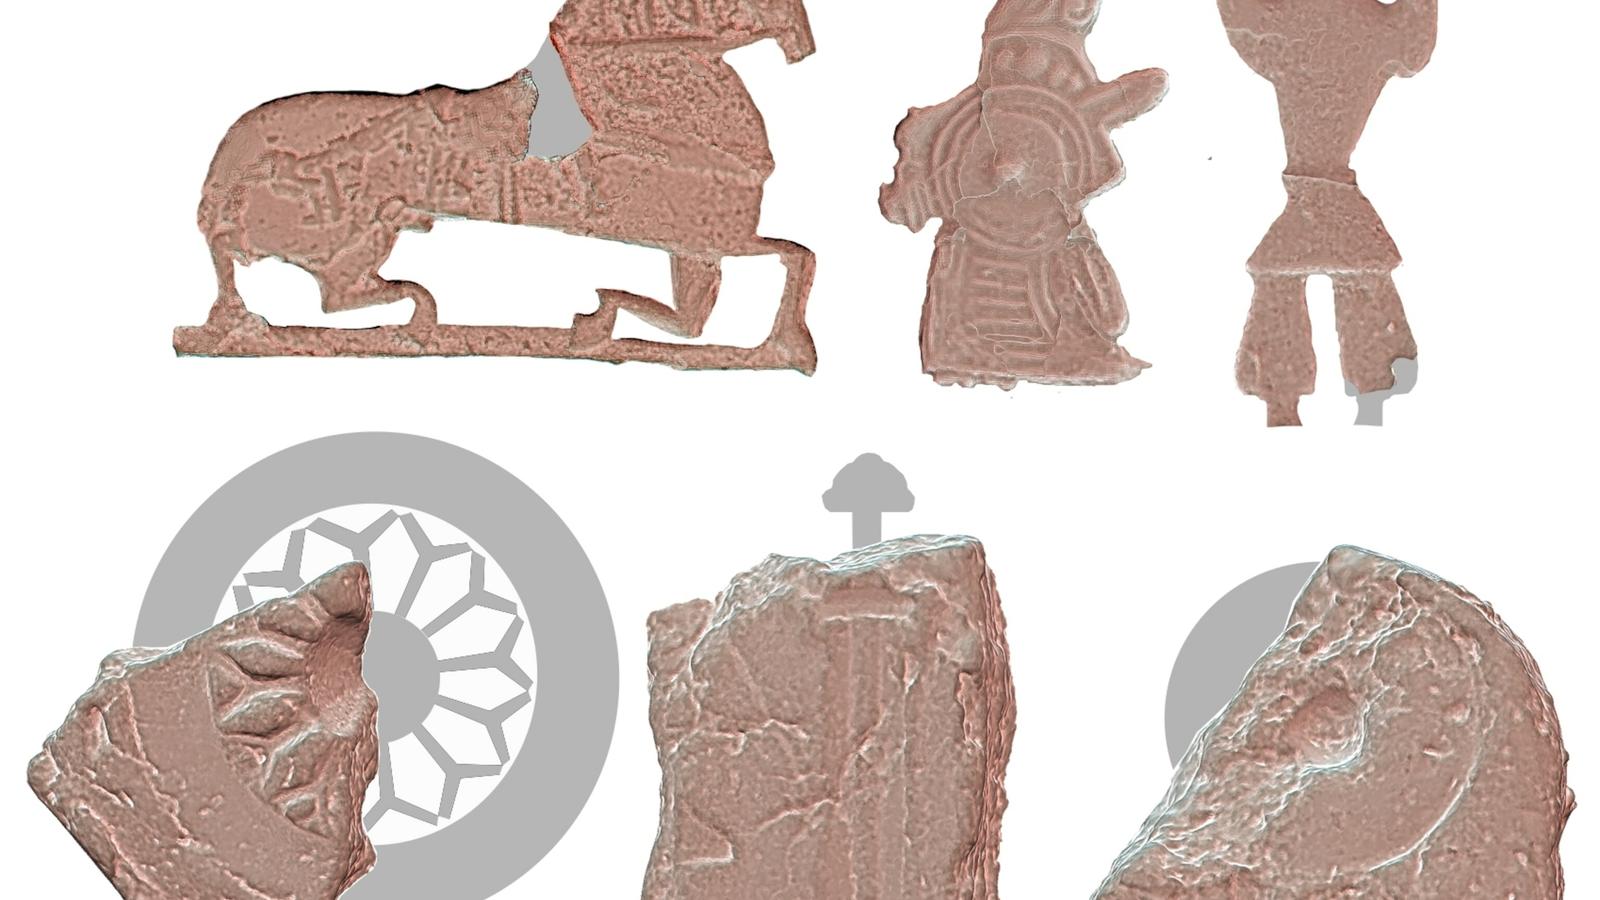 Aus Formen, die in Ribe, Dänemark gefunden wurden, kann eine große Zahl verschiedener Figuren hergestellt werden. ...